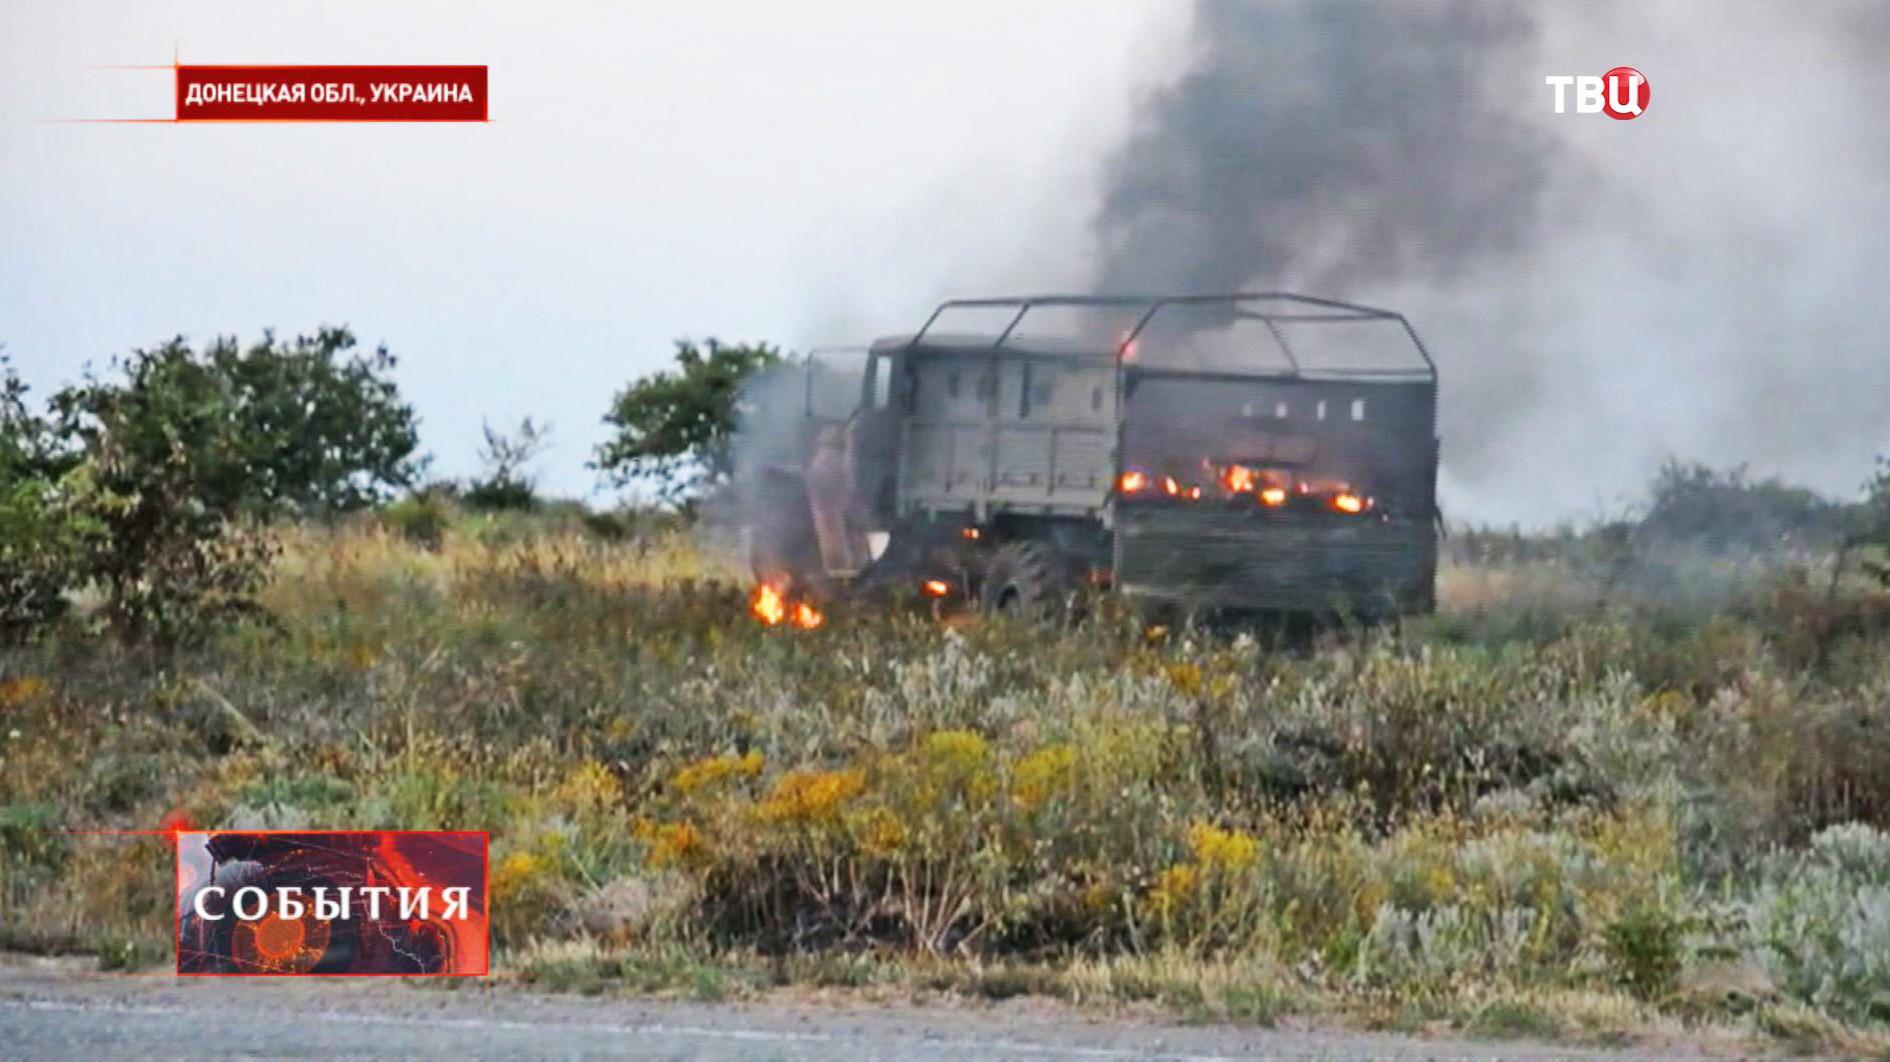 Подбитый военный грузовик